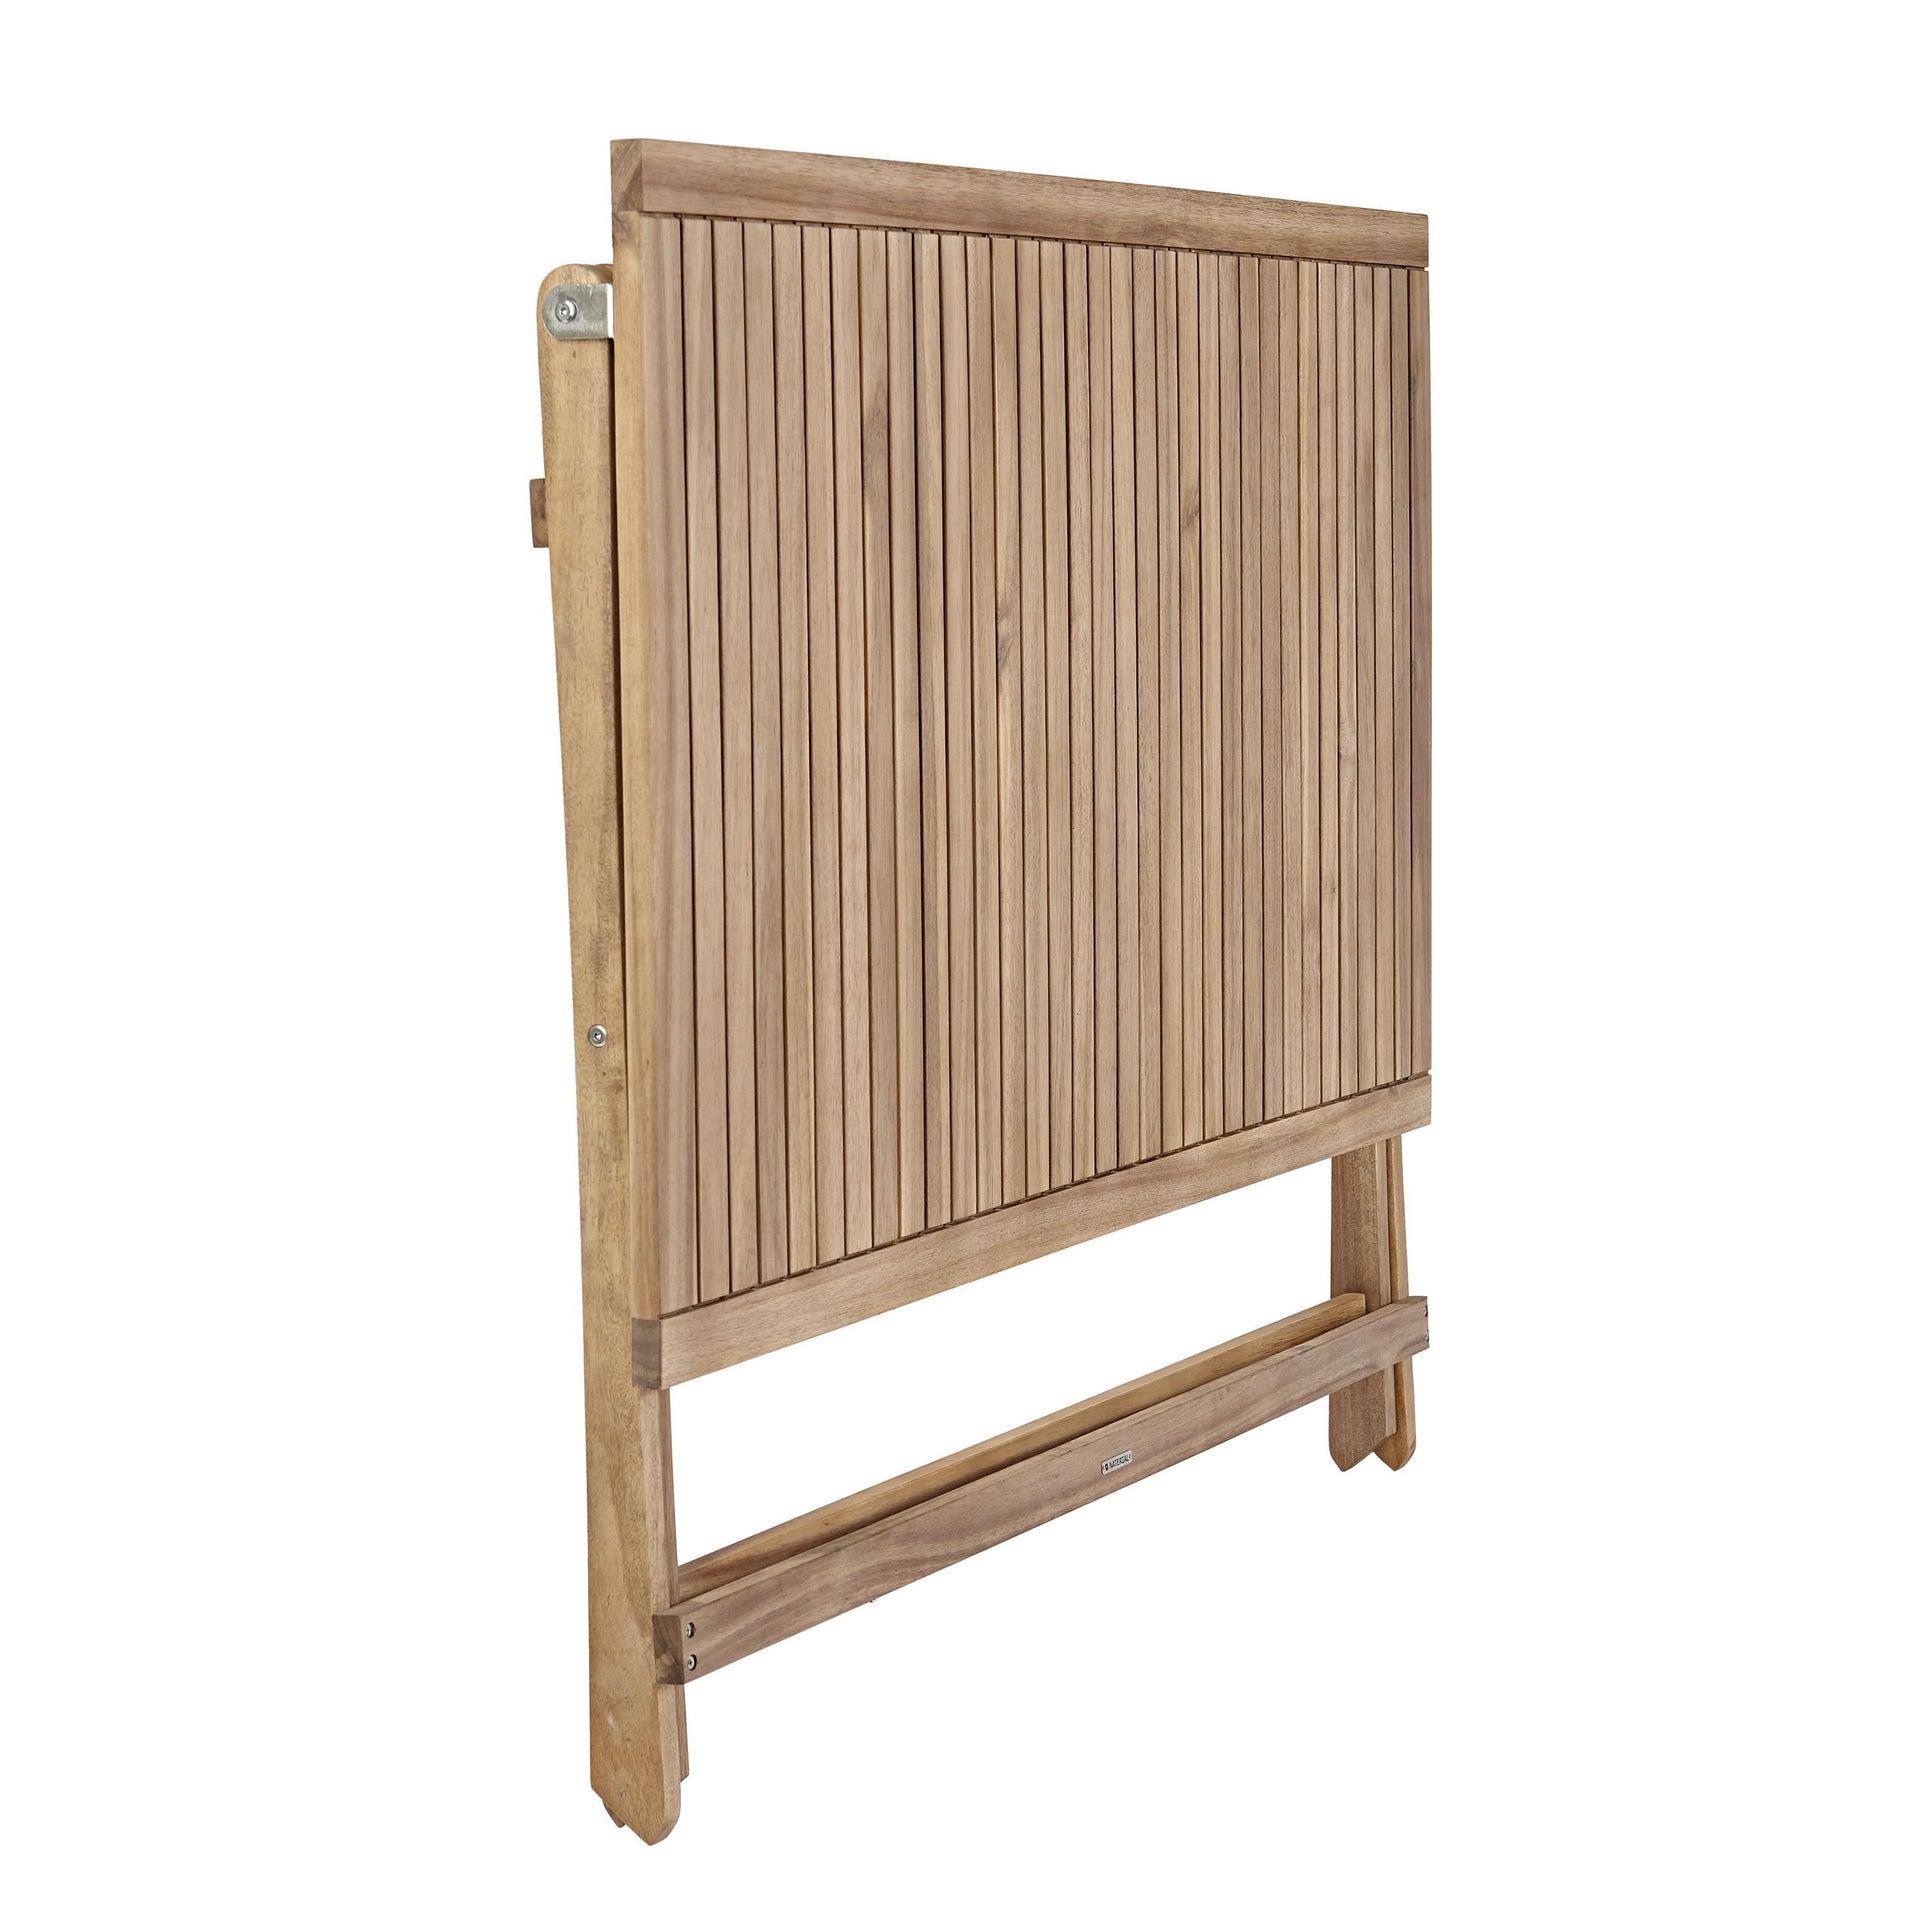 Tavolo da giardino rettangolare Solis NATERIAL con piano in legno L 70 x P 114 cm - 16